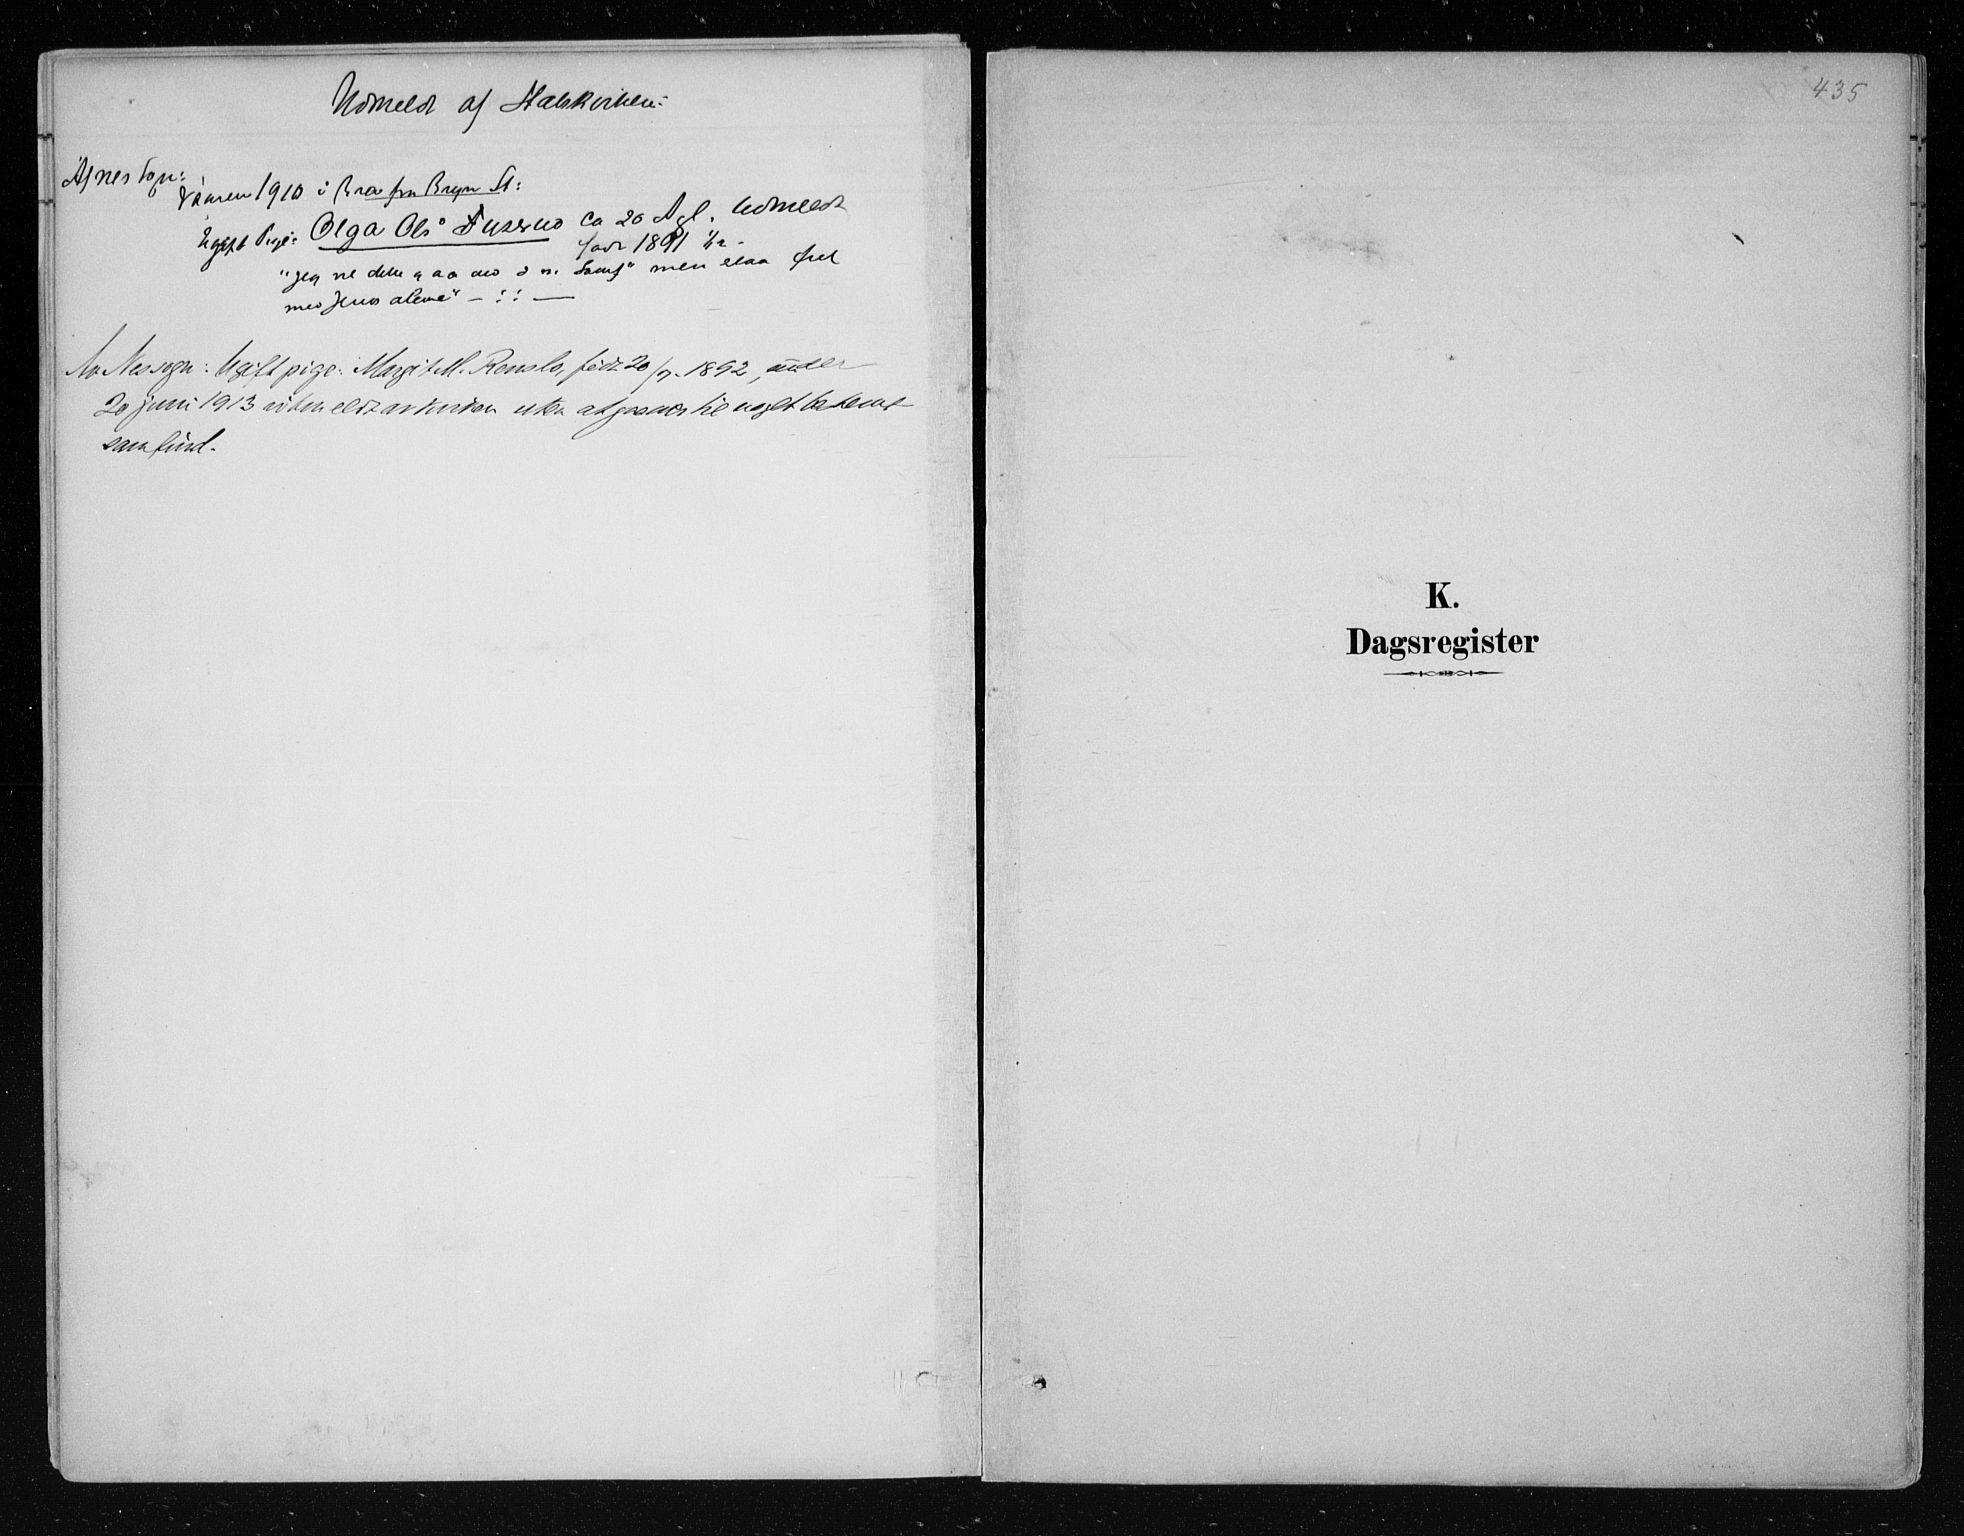 SAKO, Nes kirkebøker, F/Fa/L0011: Ministerialbok nr. 11, 1881-1912, s. 435